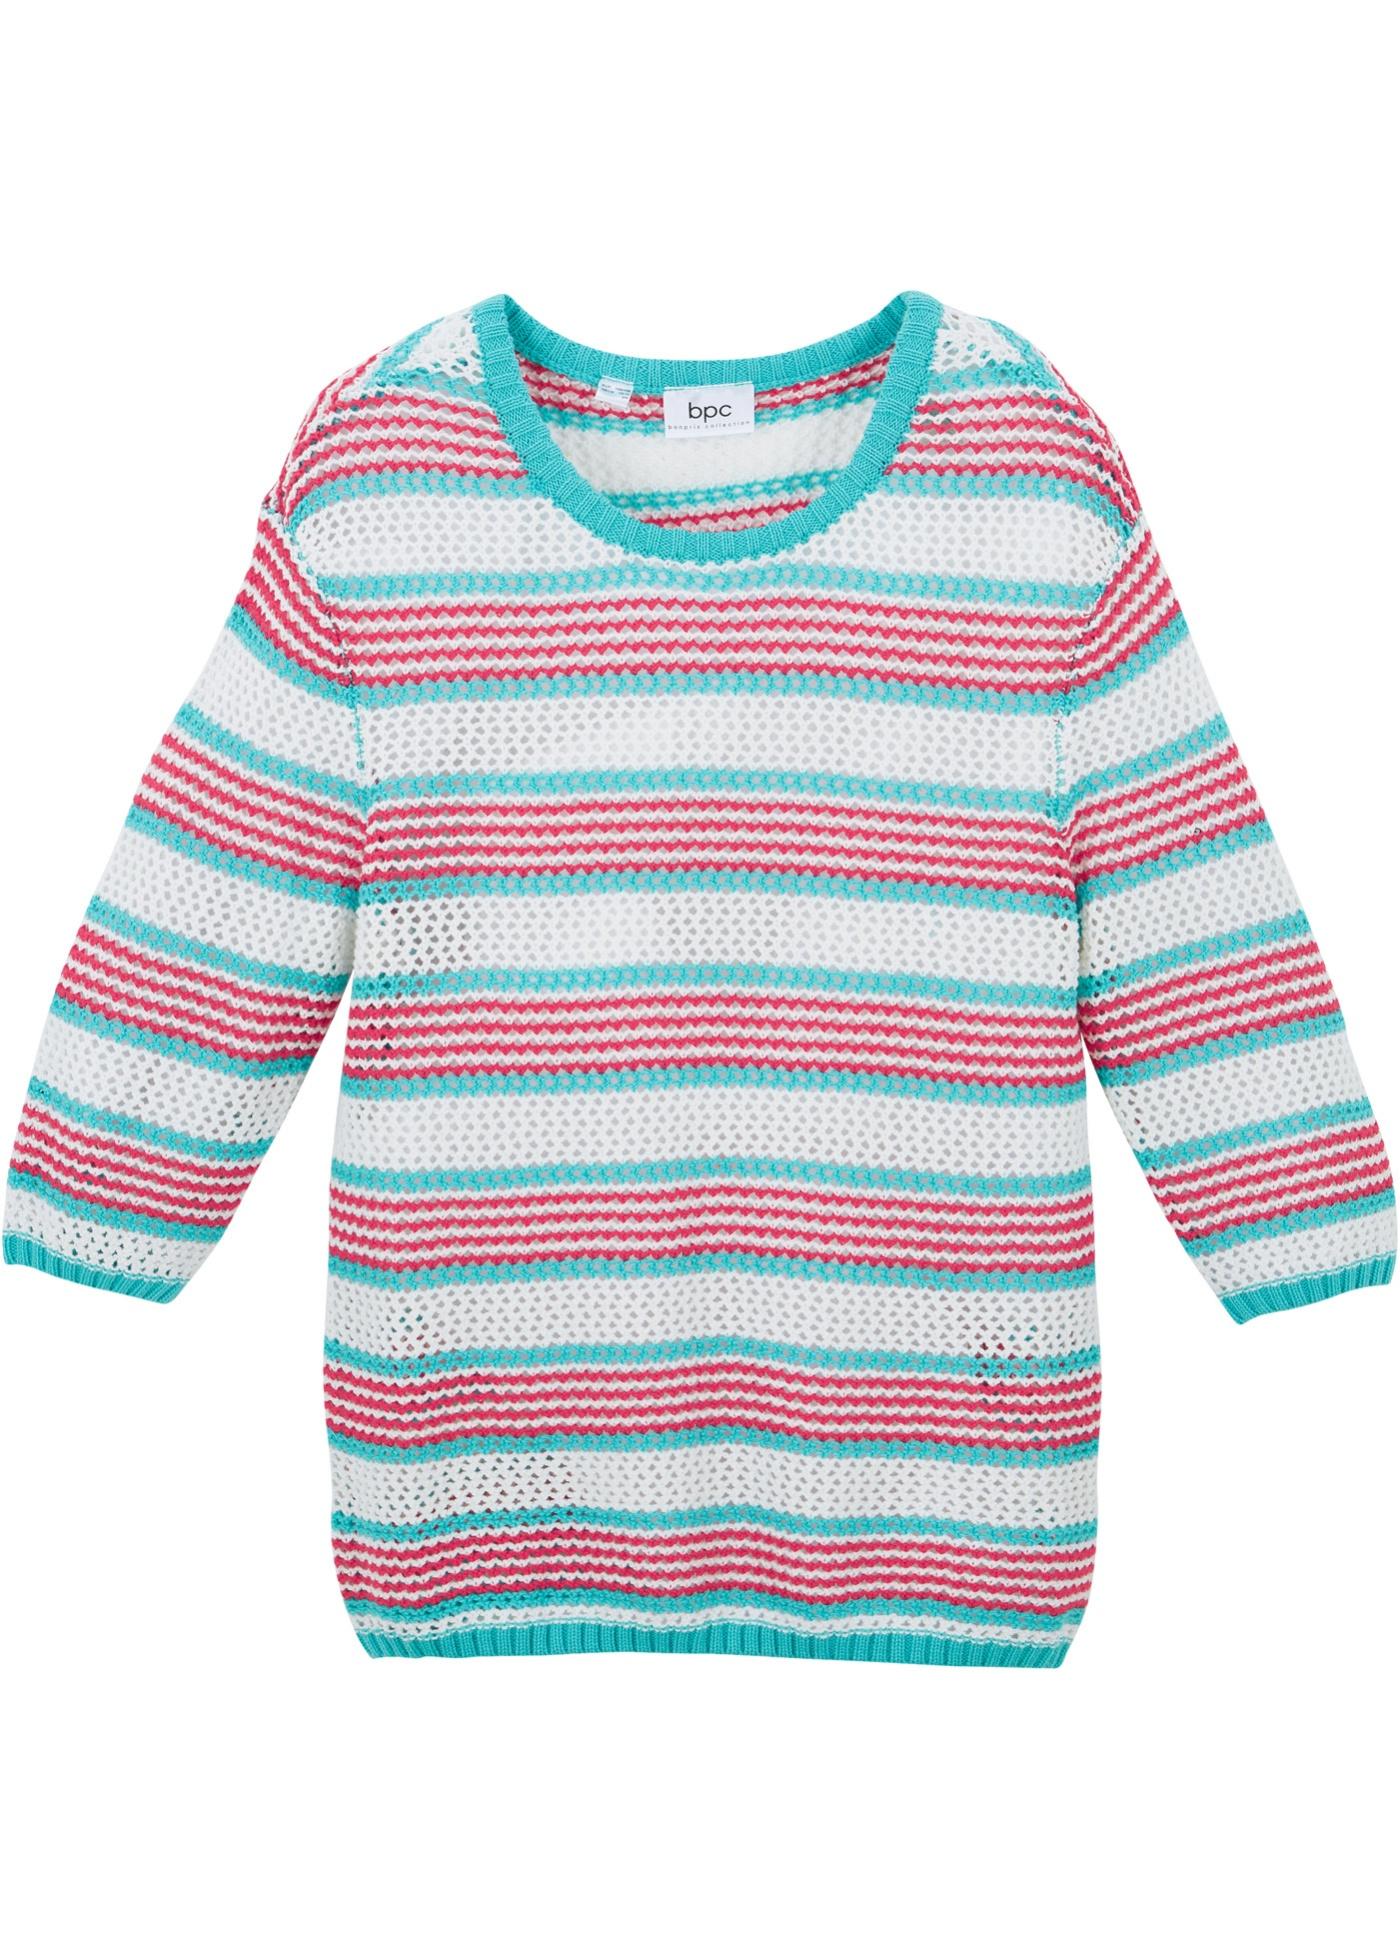 Mädchen Pullover mit Streifen 3/4 Arm  in blau für Mädchen von bonprix